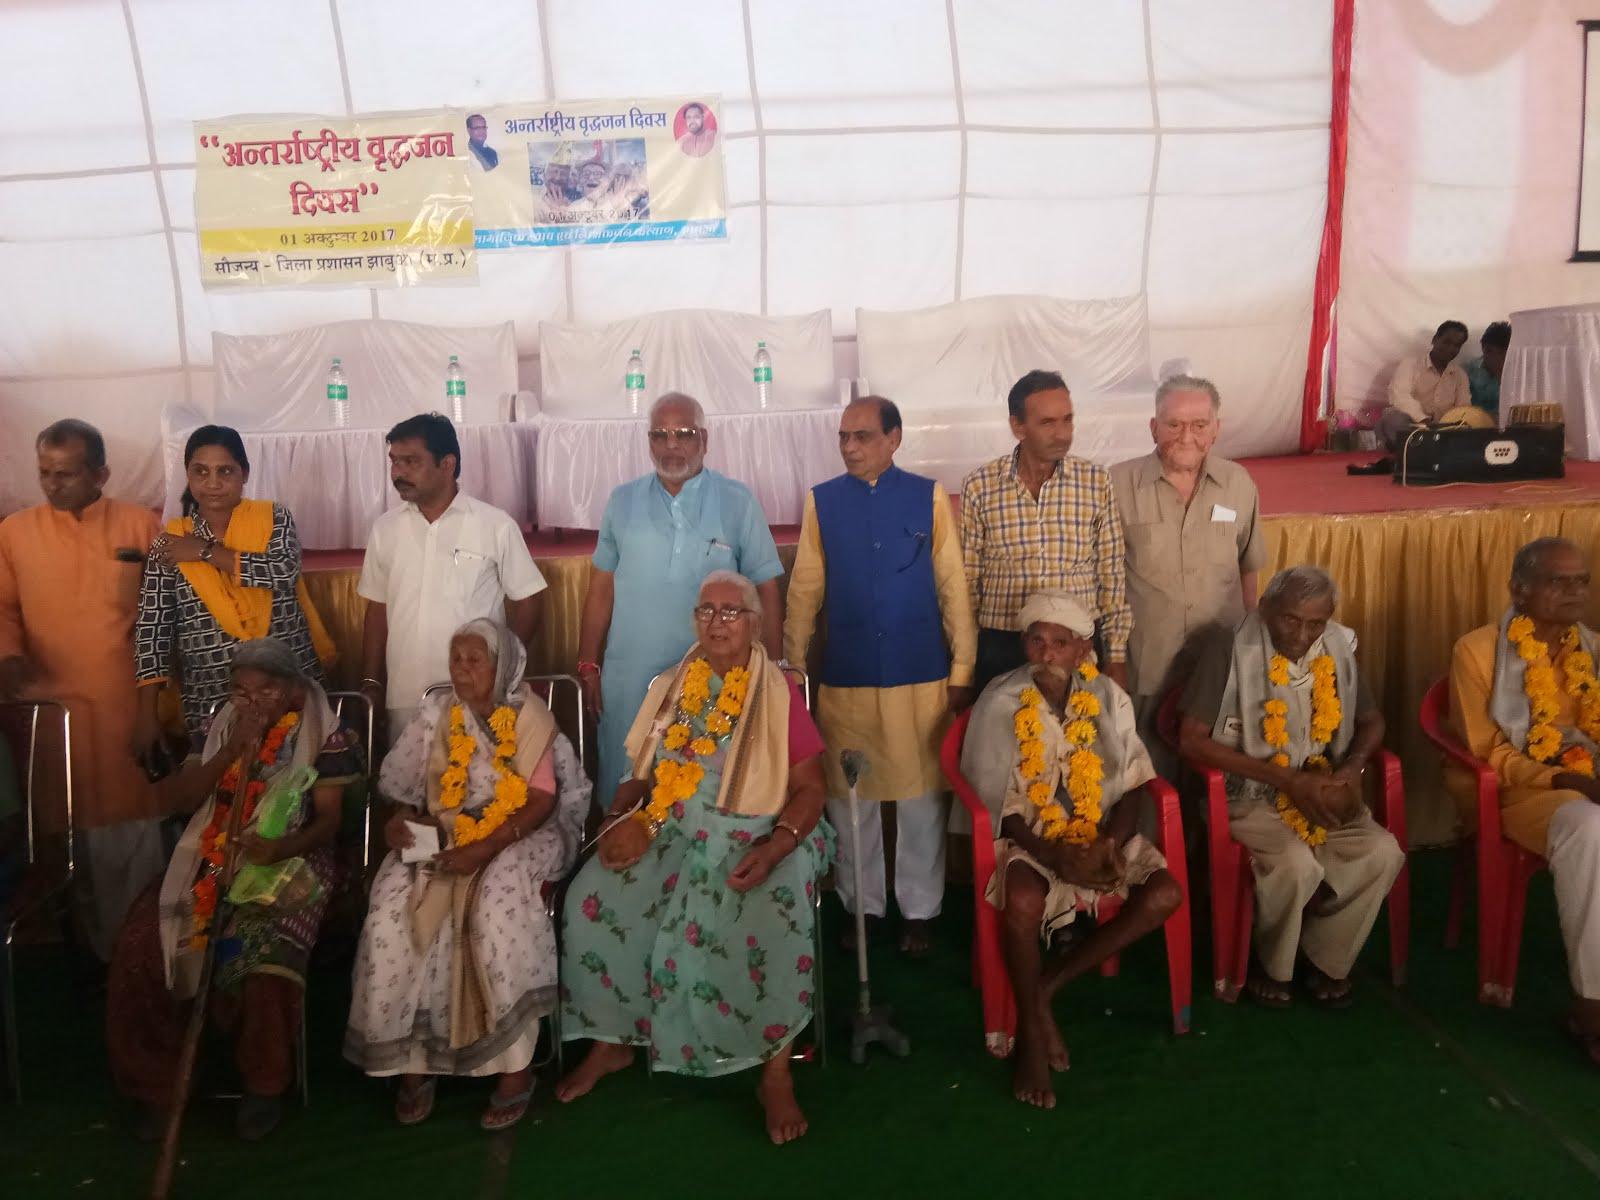 अंतर्राष्ट्रीय वृद्ध दिवस पर शतायु वृद्धो का सम्मान किया-Honble-World-Old-Aged-Day-celebreated-jhabua